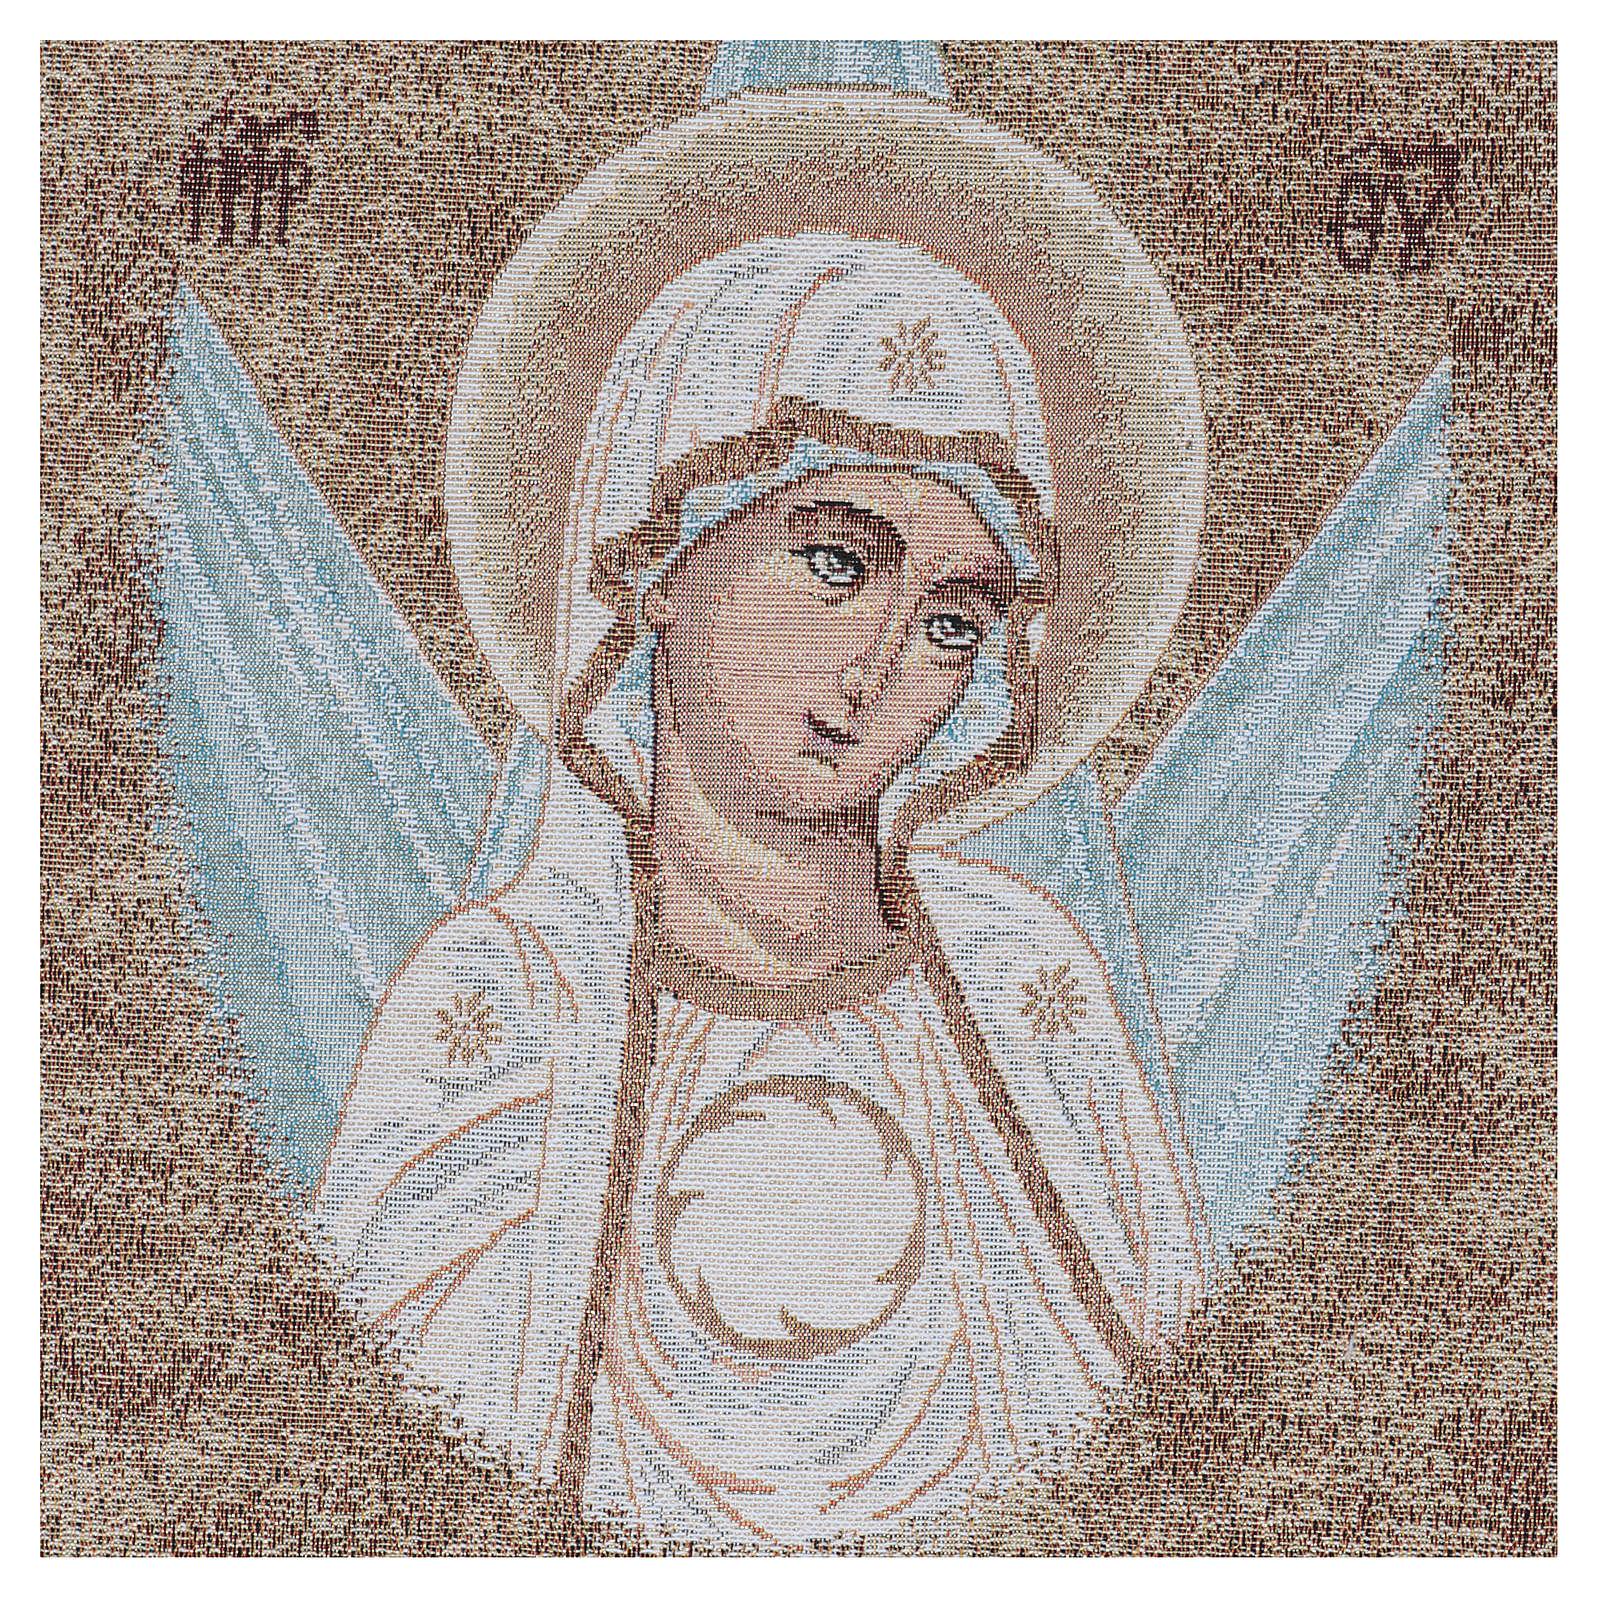 Wandteppich Antlitz byzantinische Madonna mit Strahlen umgeben 45x40 cm 3